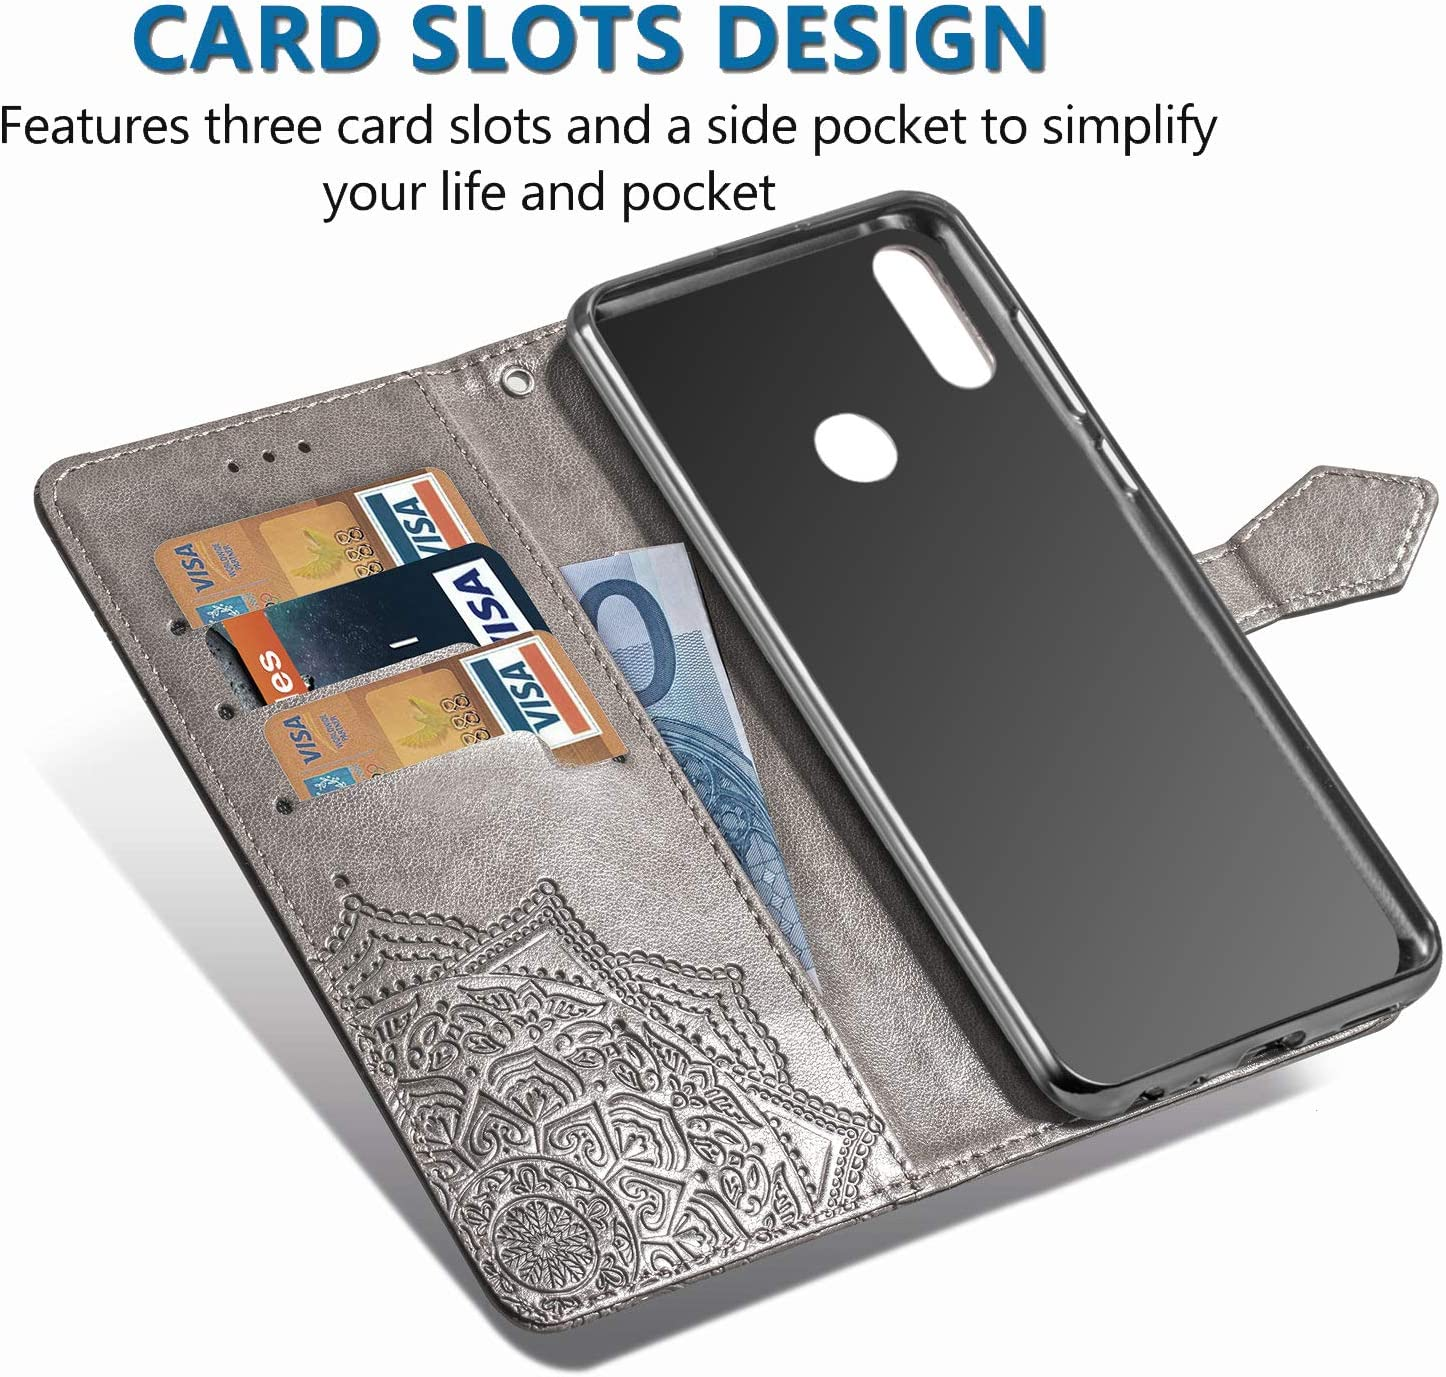 Retro Blumen Muster Design, Ultra Slim Handyh/ülle Wallet Tasche H/ülle Blau Flip Wallet Case Card Slot TANYO H/ülle Geeignet f/ür Huawei Y6s